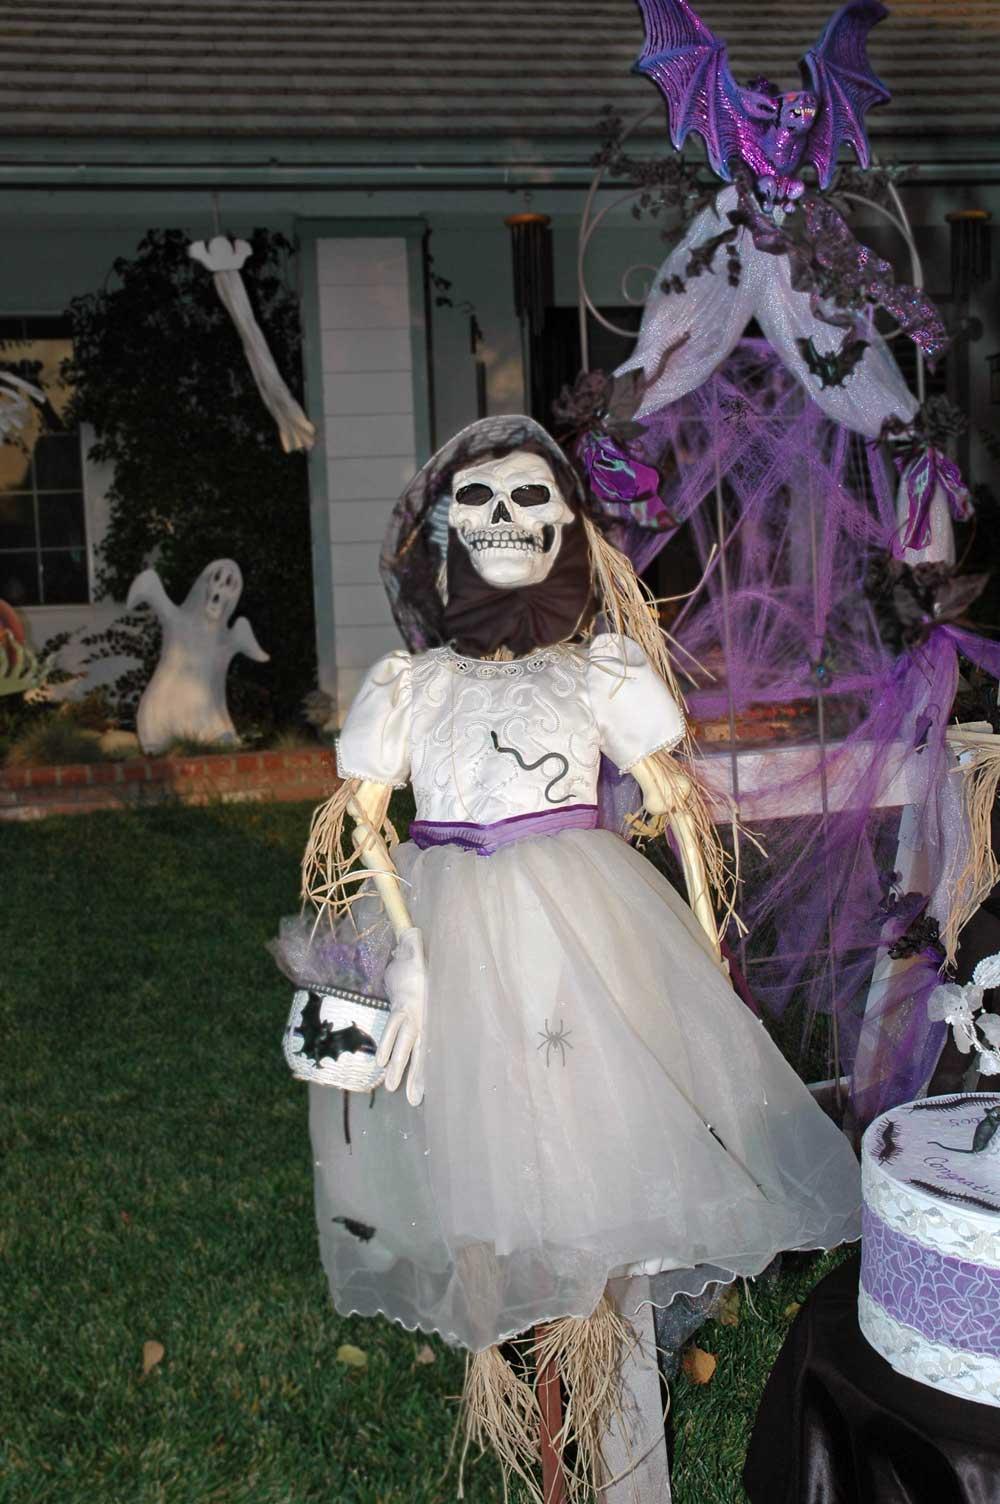 So pretty in her custom gown. Frankenstein's flower girl.